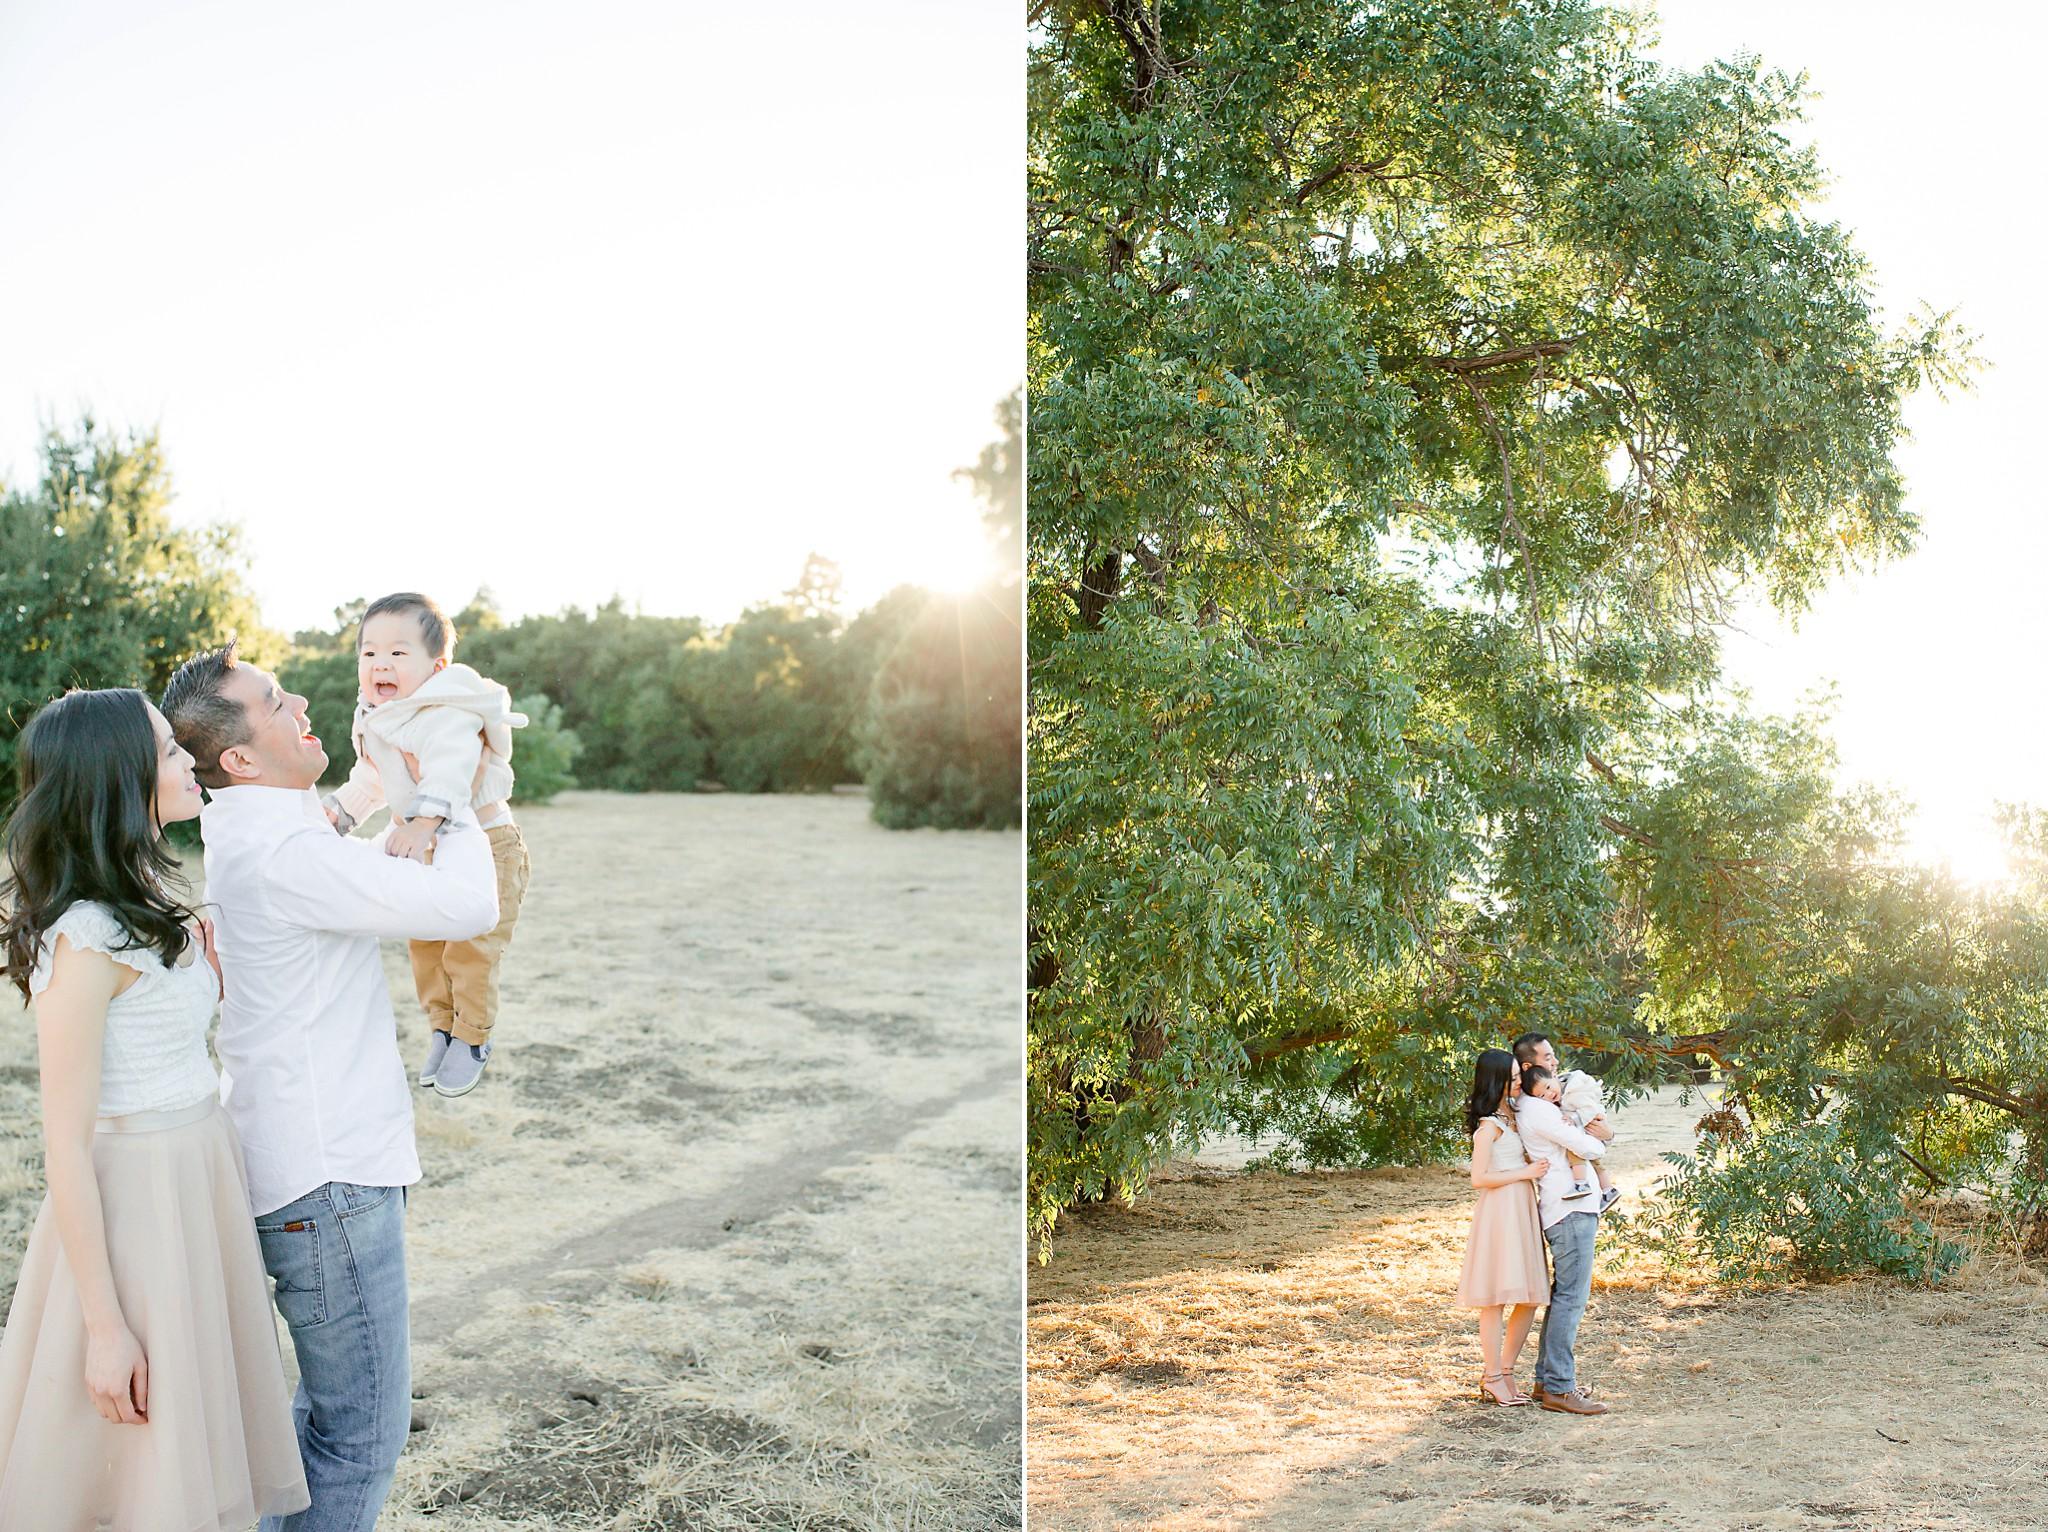 Mountain View Family Lifestyle Photographer_0022.jpg